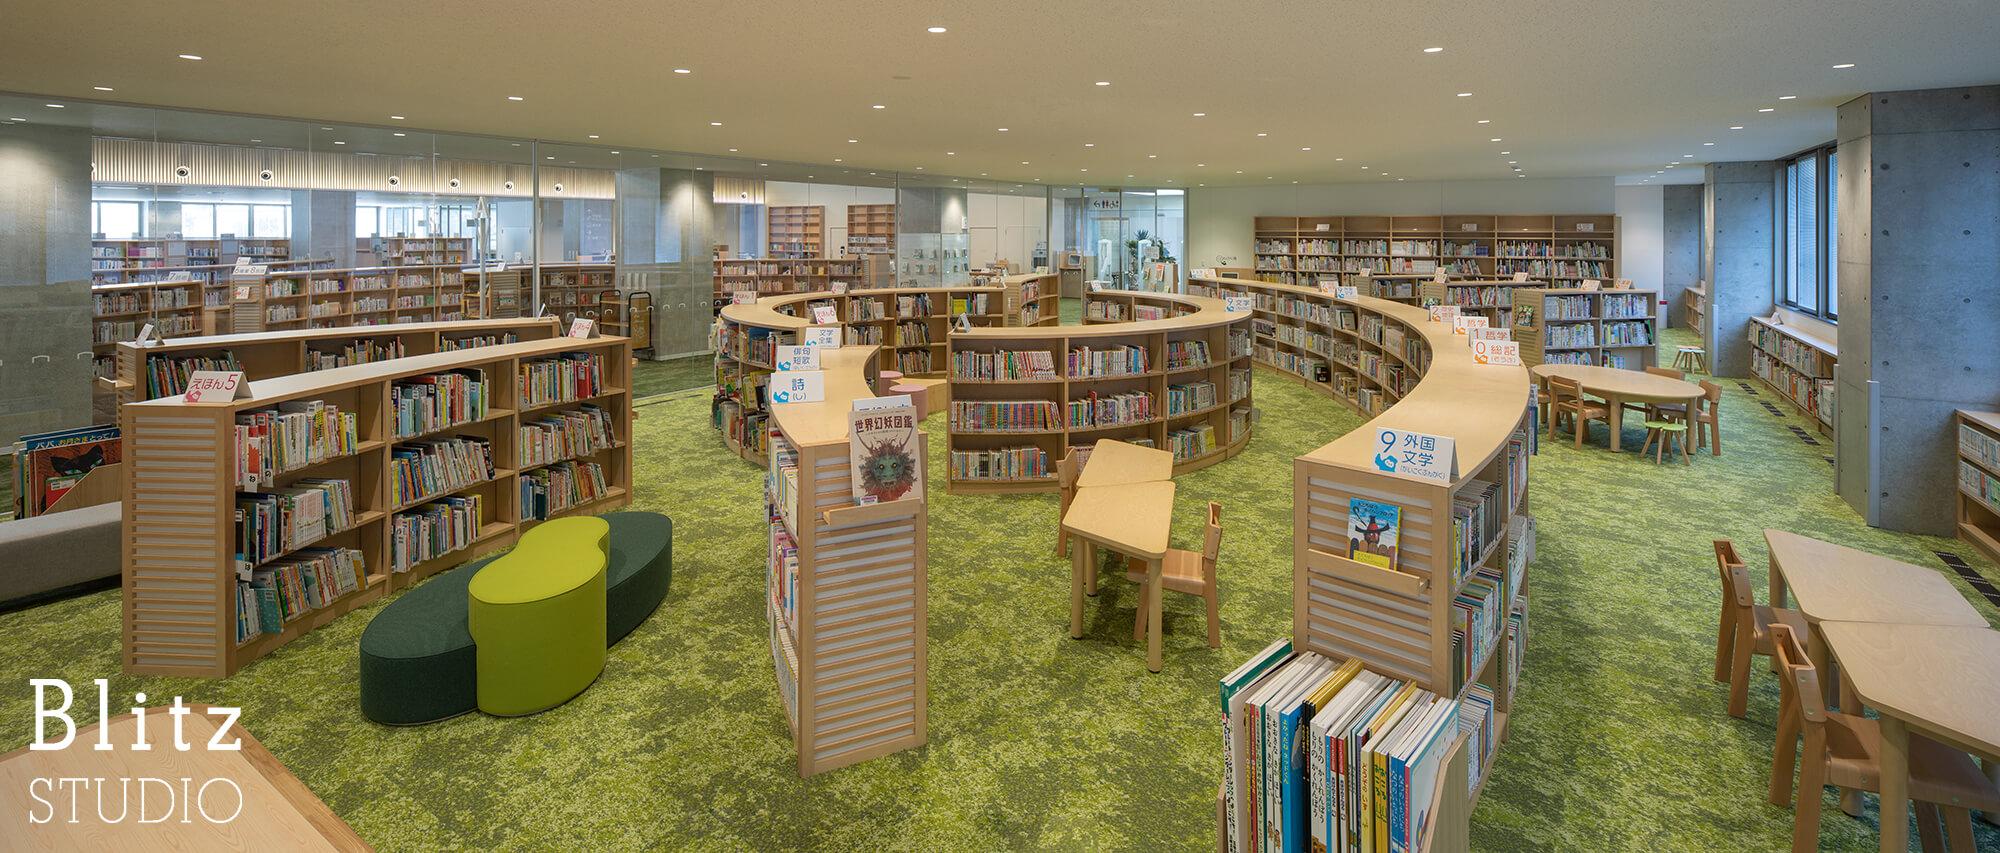 『豊後大野市立図書館』建築写真・竣工写真・インテリア写真16